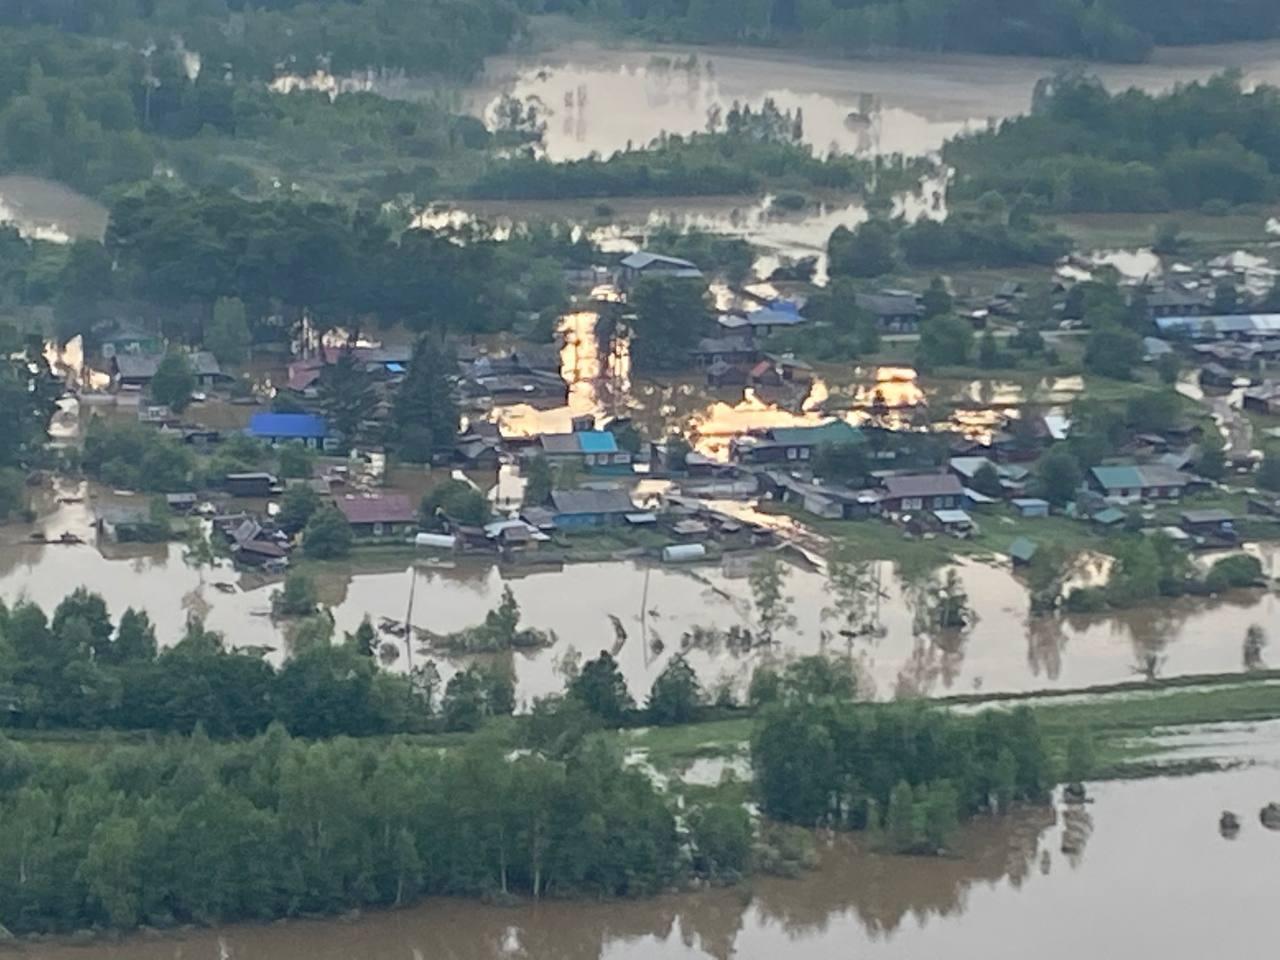 В Хабаровском крае из-за сильного паводка ввели режим ЧС, эвакуировано свыше 130 человек